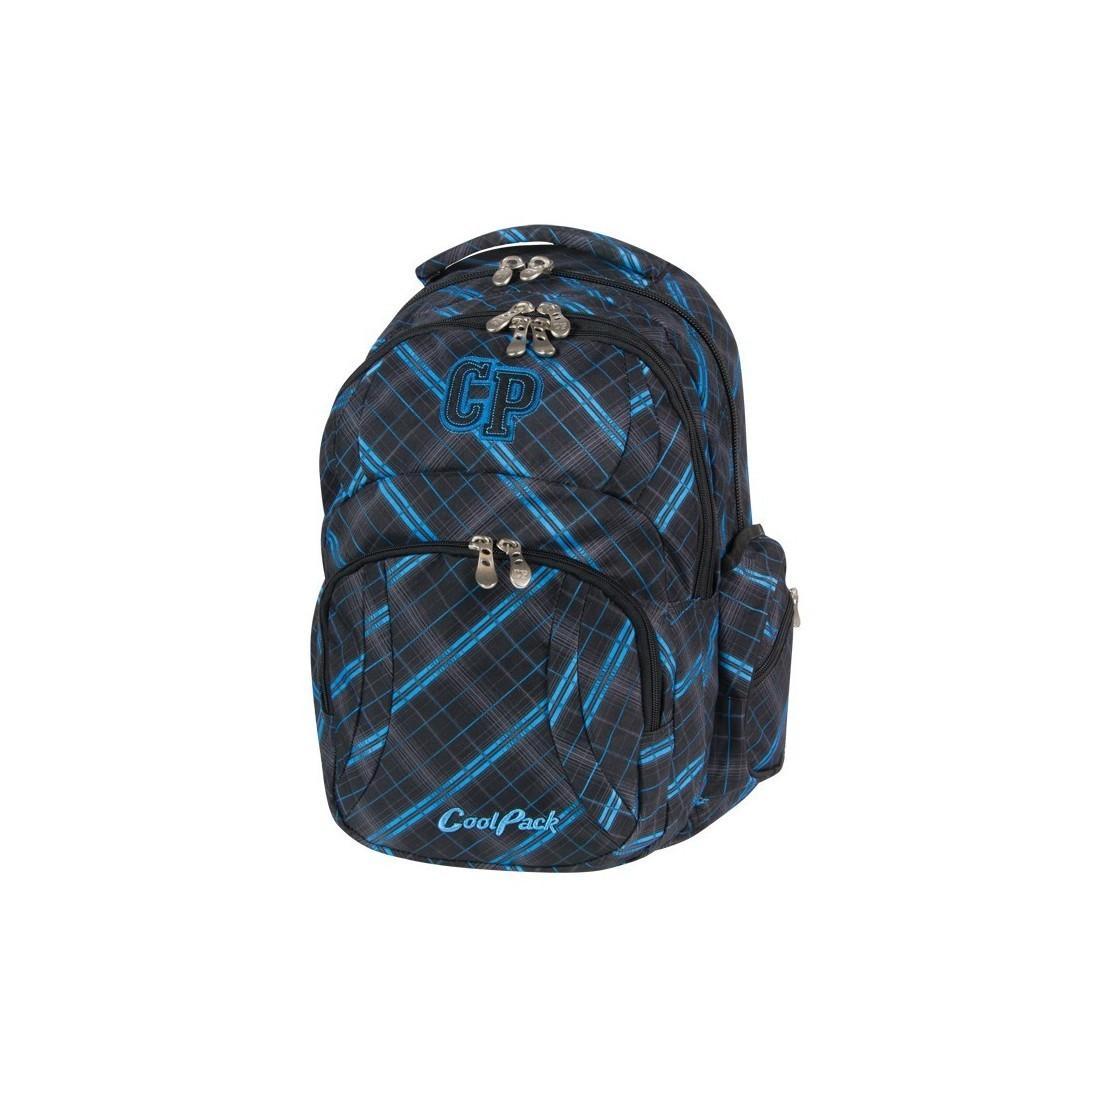 PLECAK MŁODZIEŻOWY COOLPACK TITAN SCOTISH BLUE CP 341 - plecak-tornister.pl